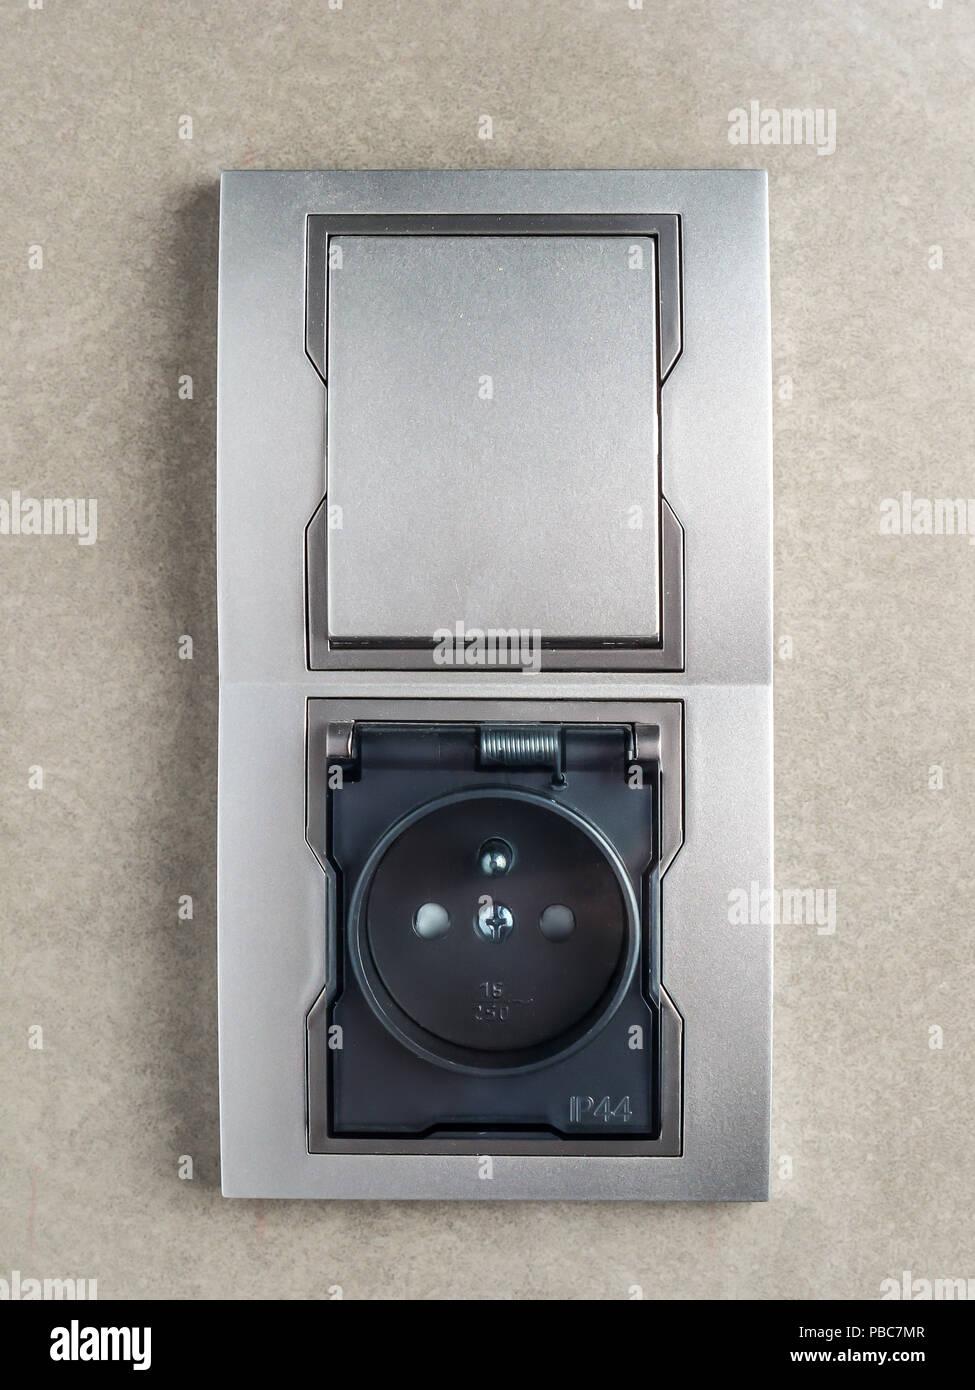 Plug Socket Bathroom Stockfotos & Plug Socket Bathroom Bilder - Alamy